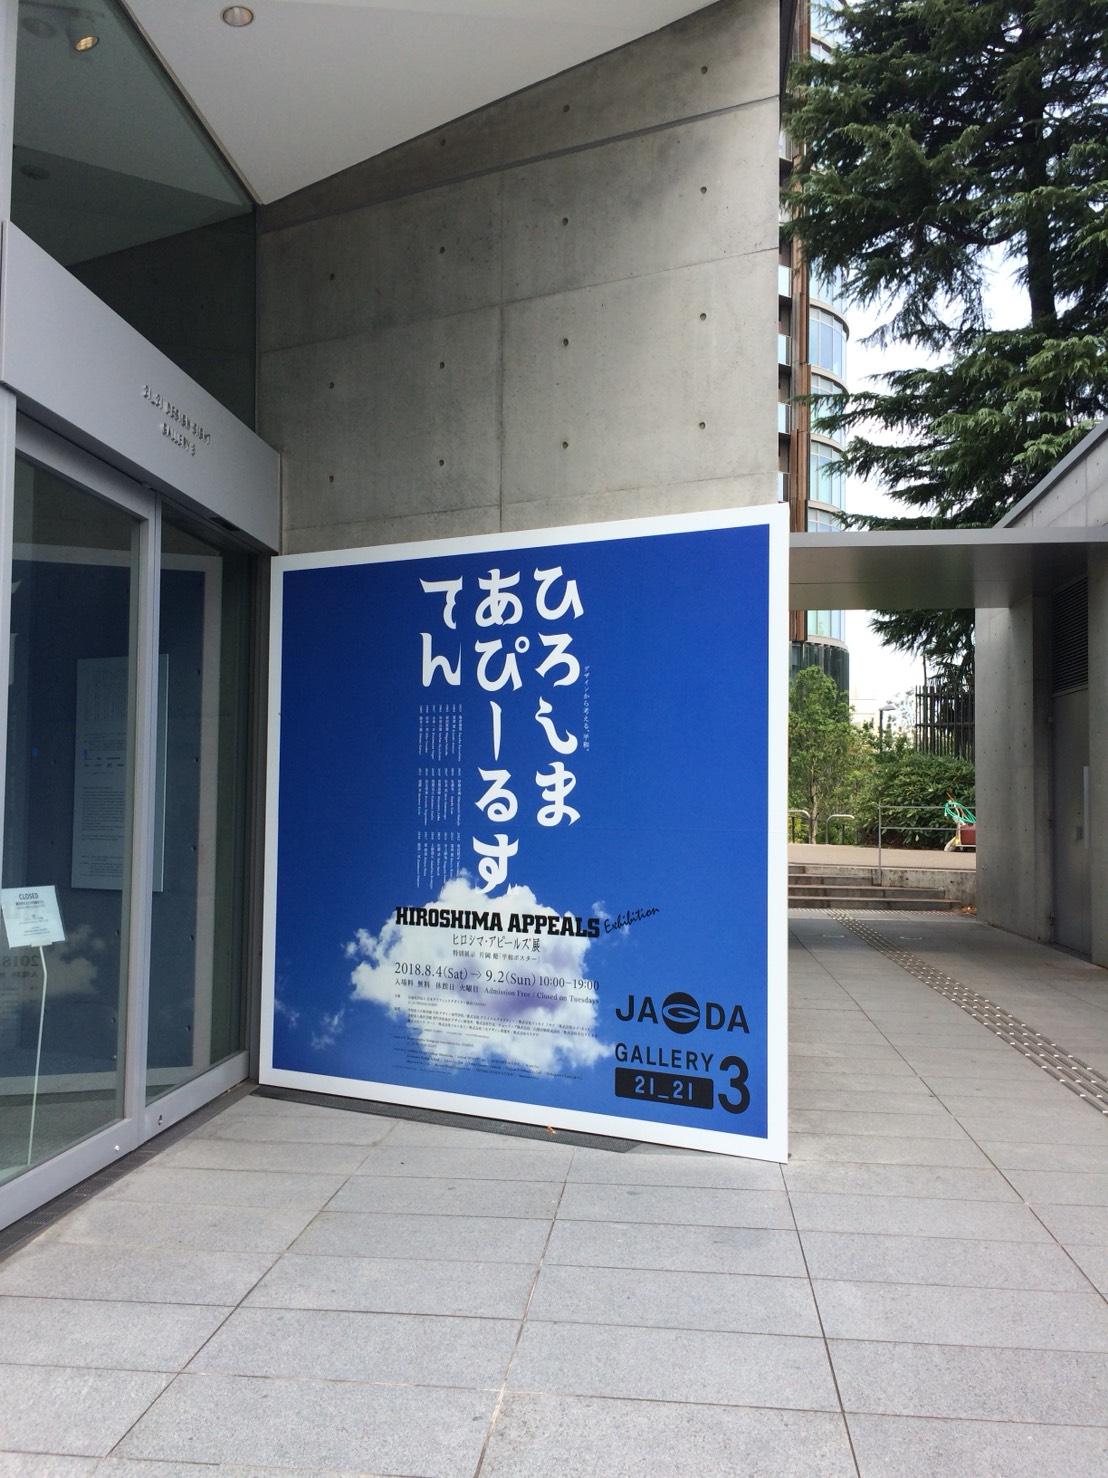 ヒロシマアピールズ展 日本グラフィックデザイナー協会(JAGDA)